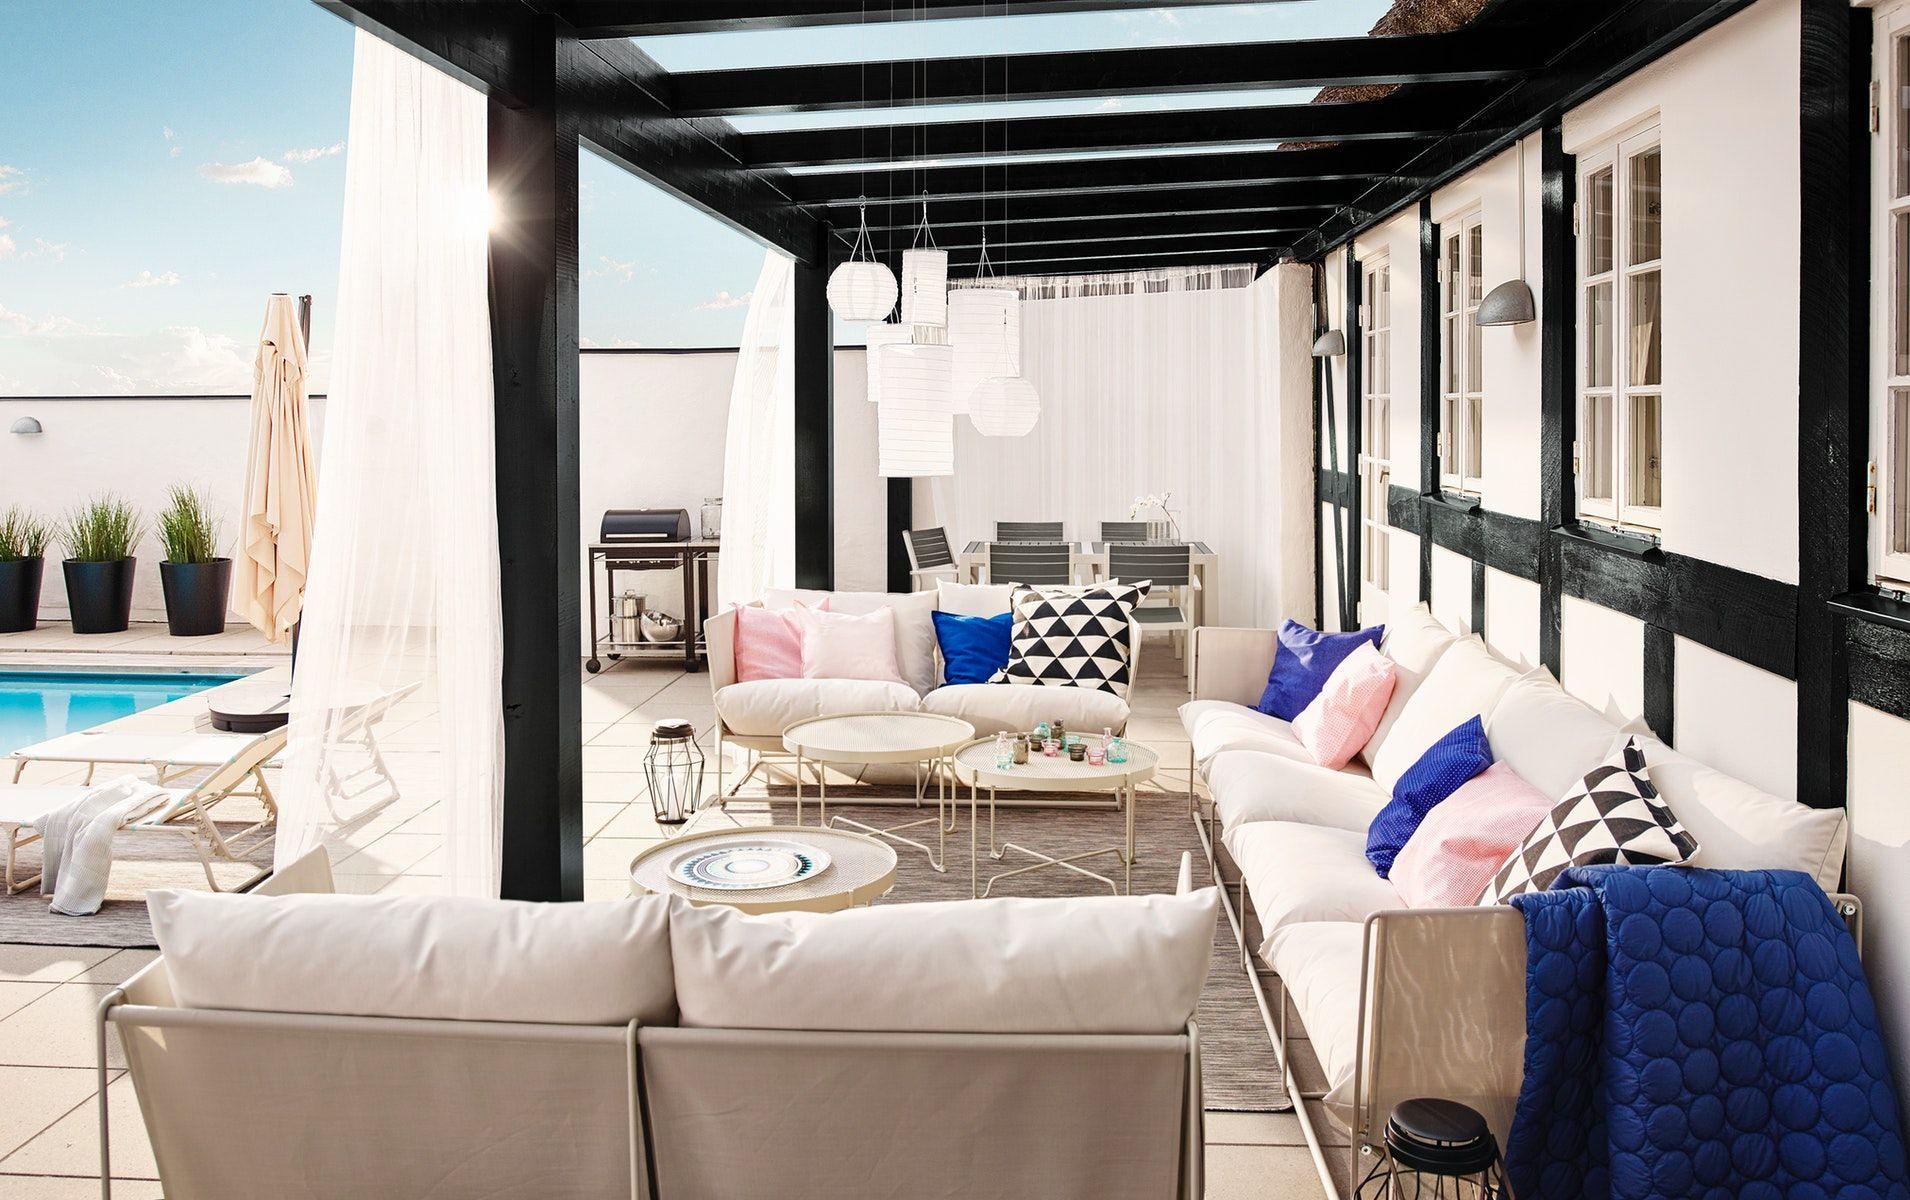 Havsten 2-Seat Sofa, In/outdoor - Beige - Ikea Switzerland ... intérieur Mobilier De Jardin Ikea